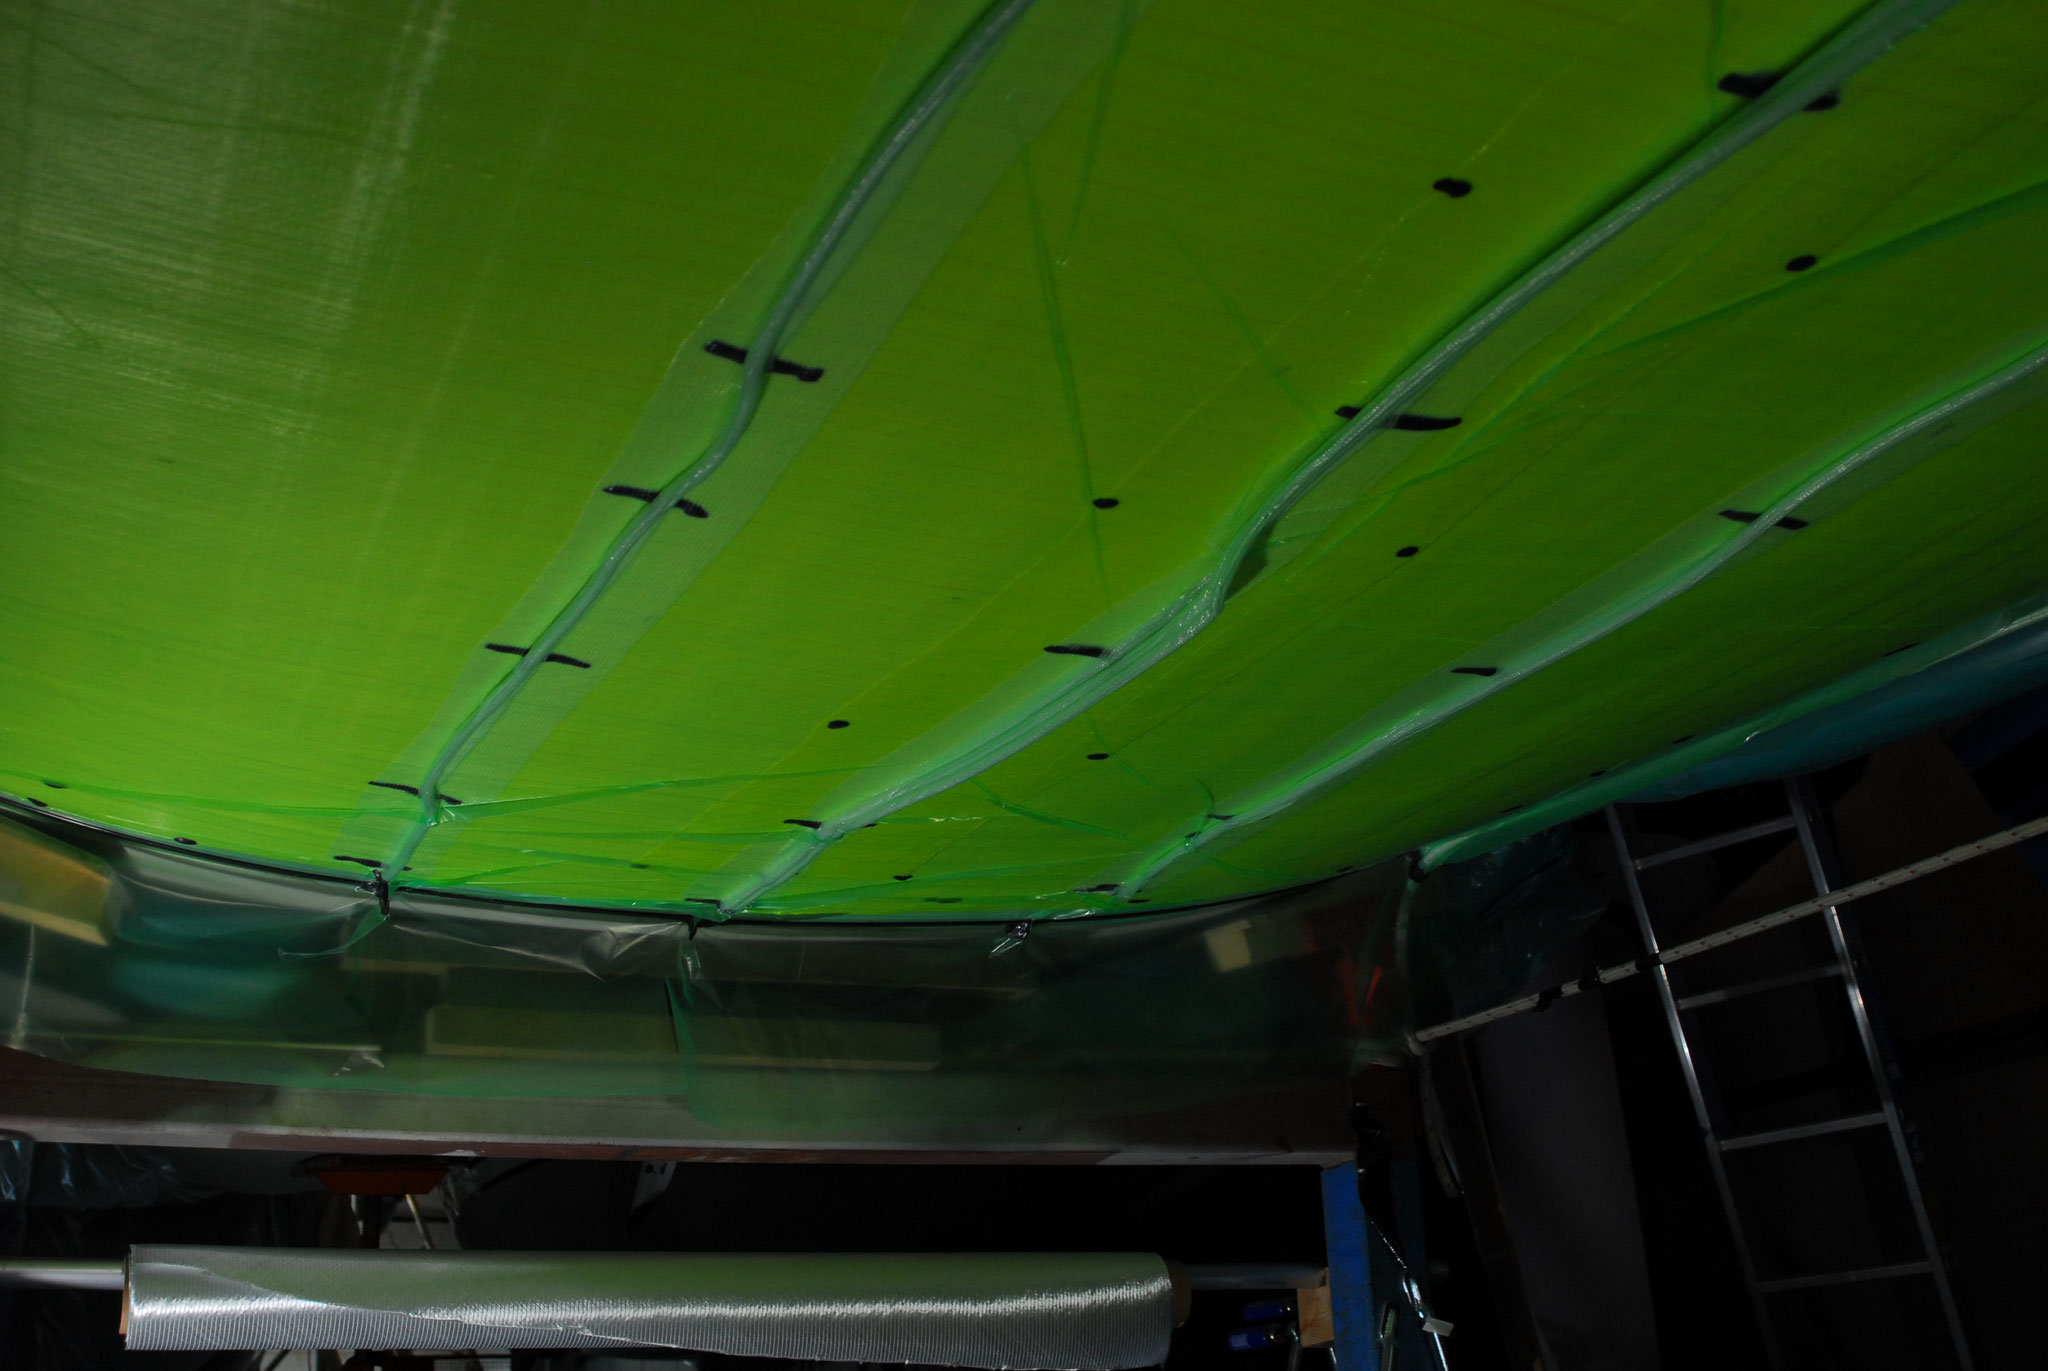 Vakuuminfusion von 15mm Vertärkungslaminat im Kielbereich des Unterwasserschiffs